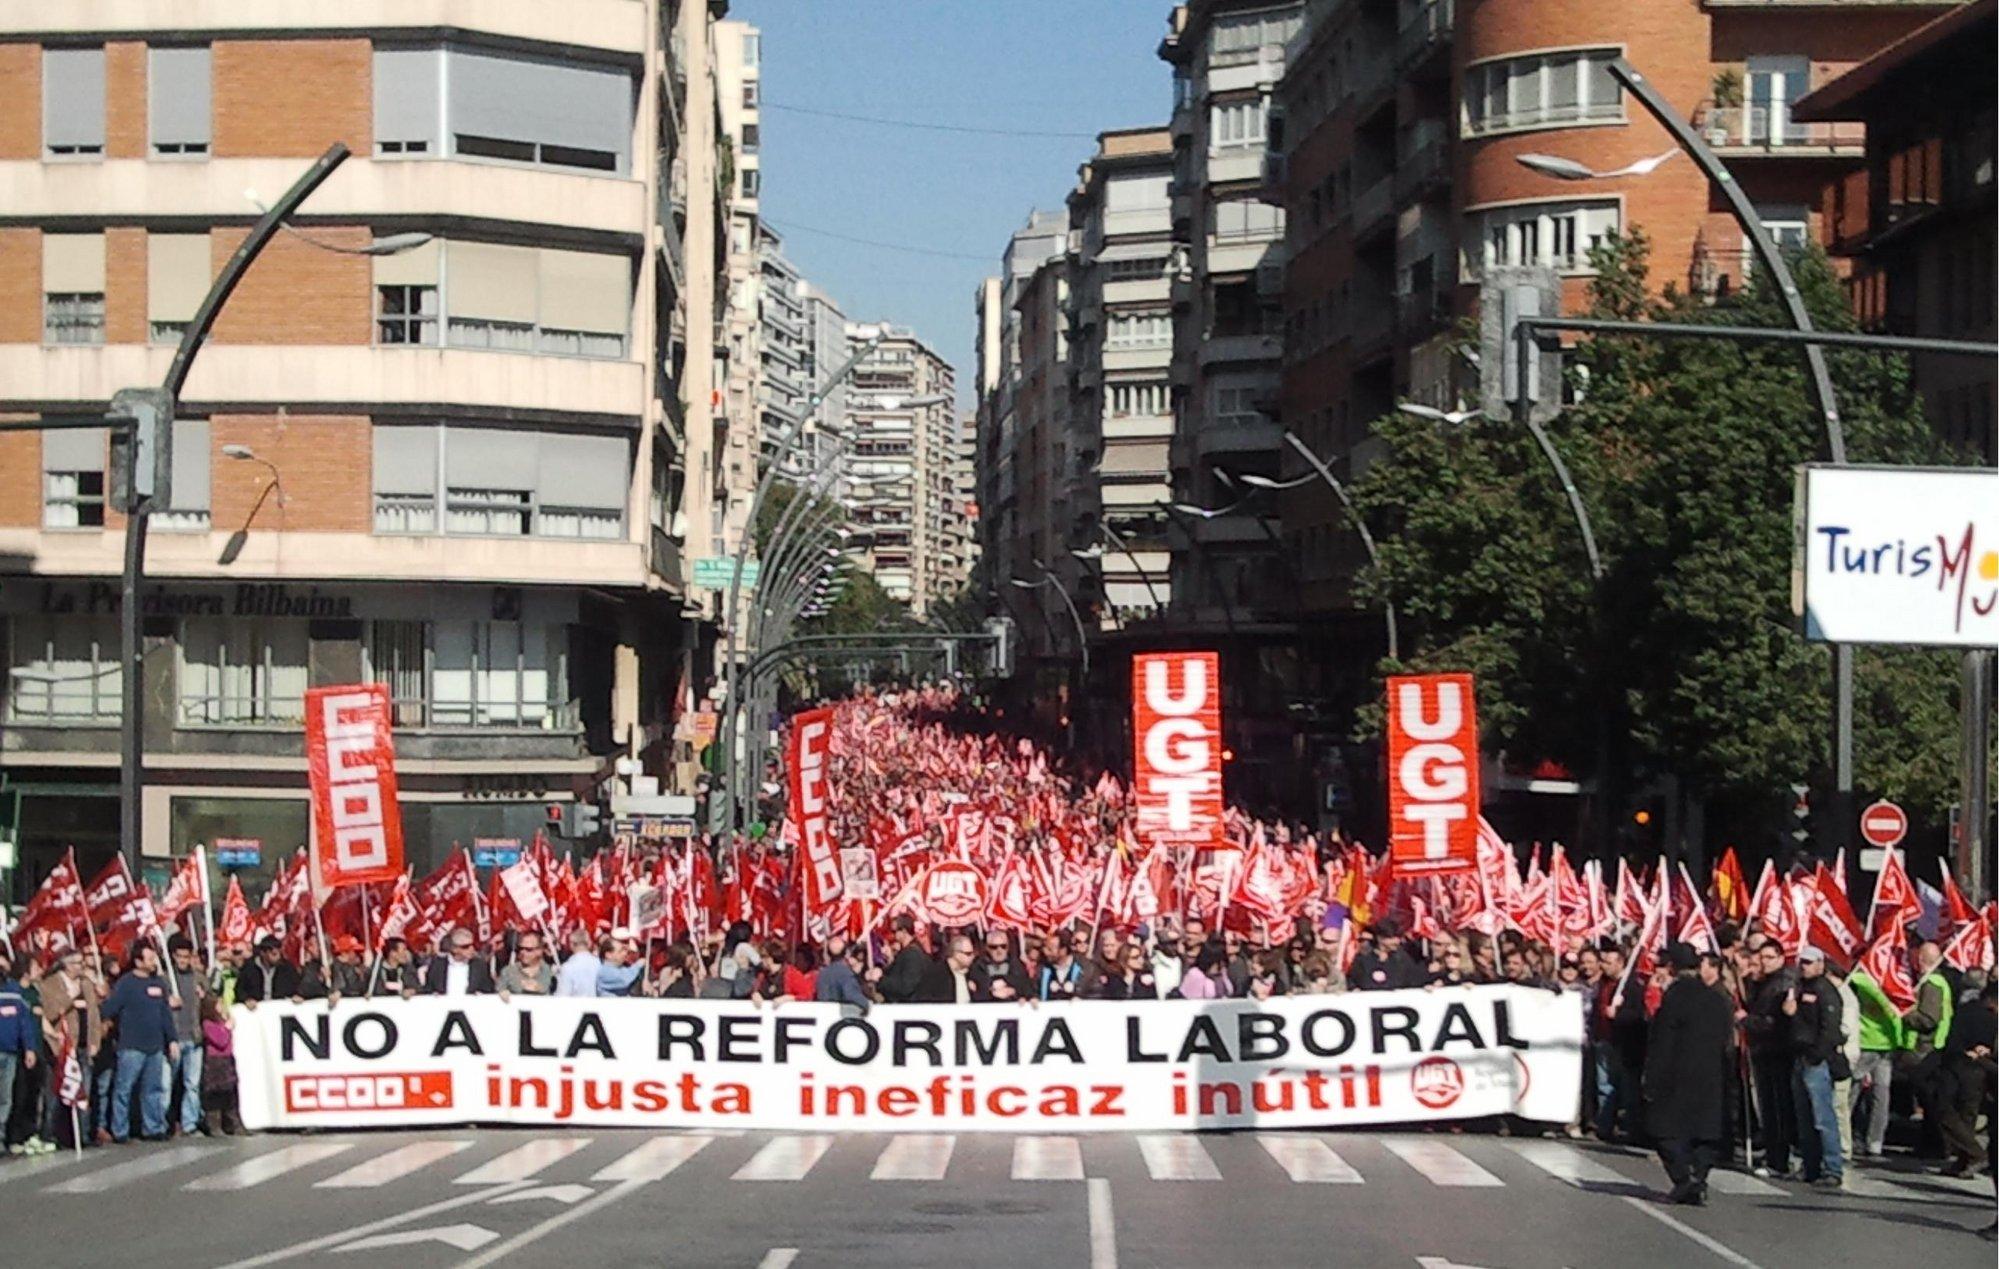 CCOO valora la fuerte contestación social ante Reforma Laboral y acuerda seguir trabajando en la extensión del rechazo